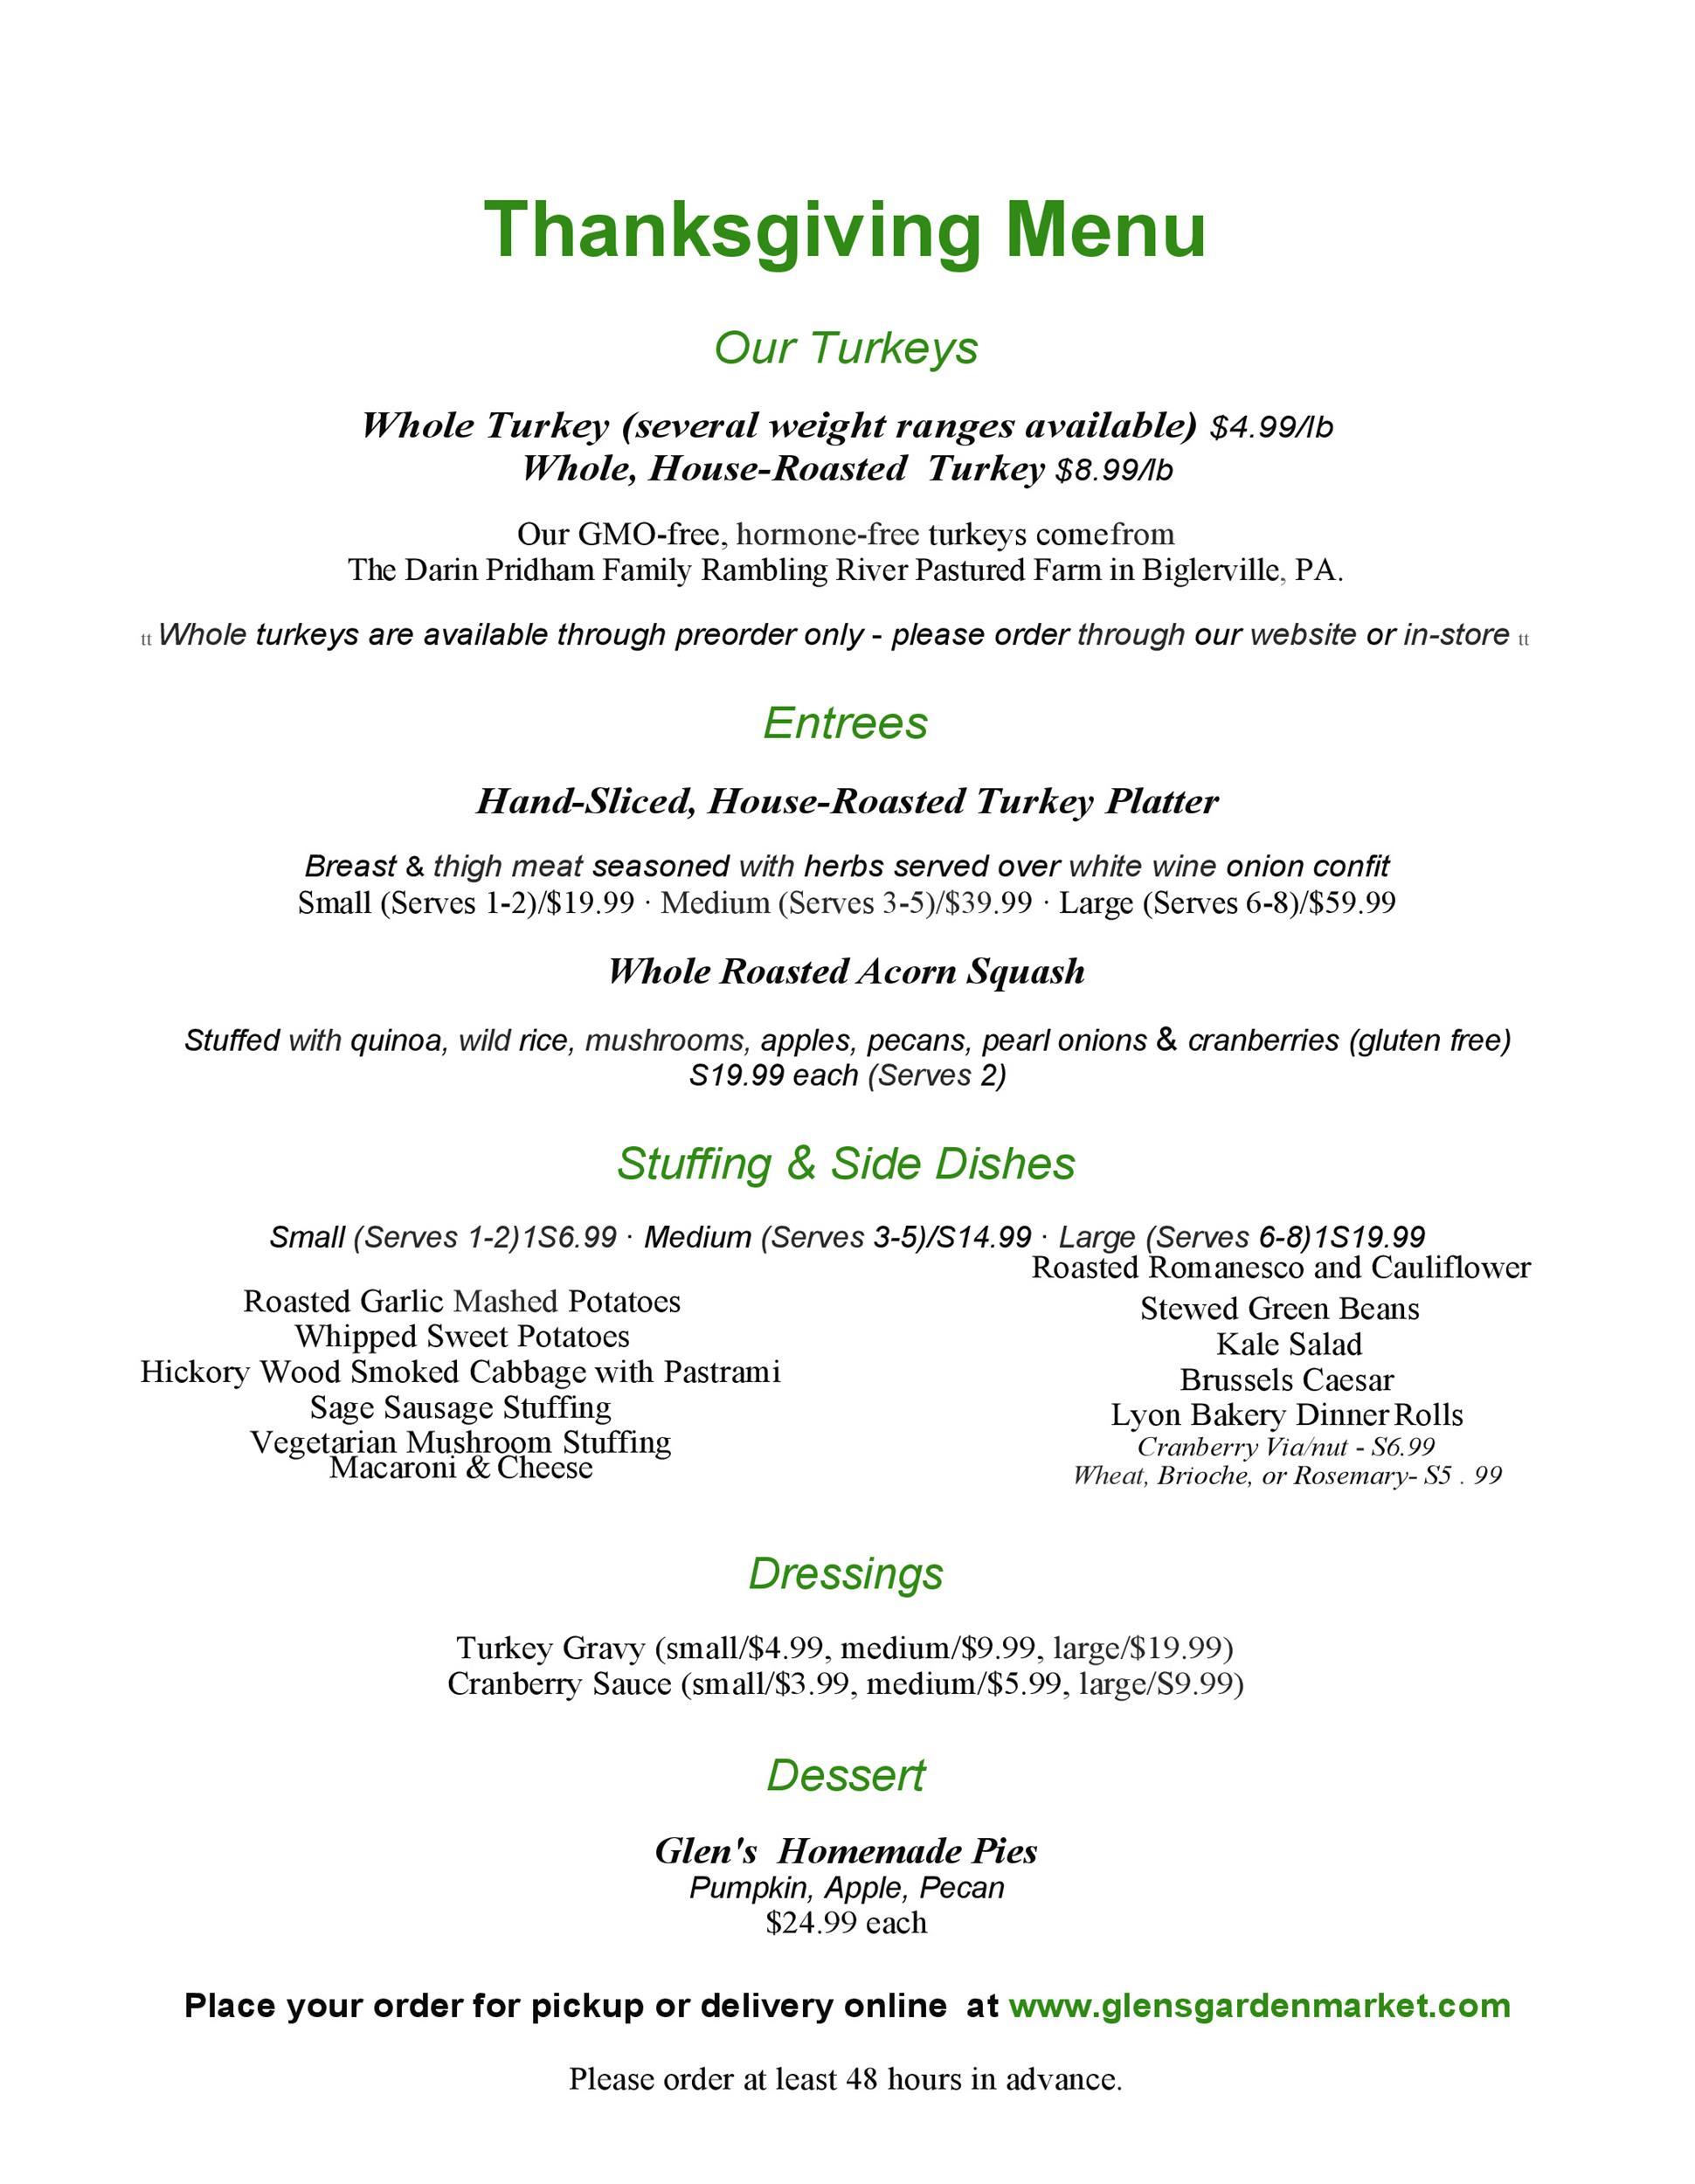 Free thanksgiving menu template 35